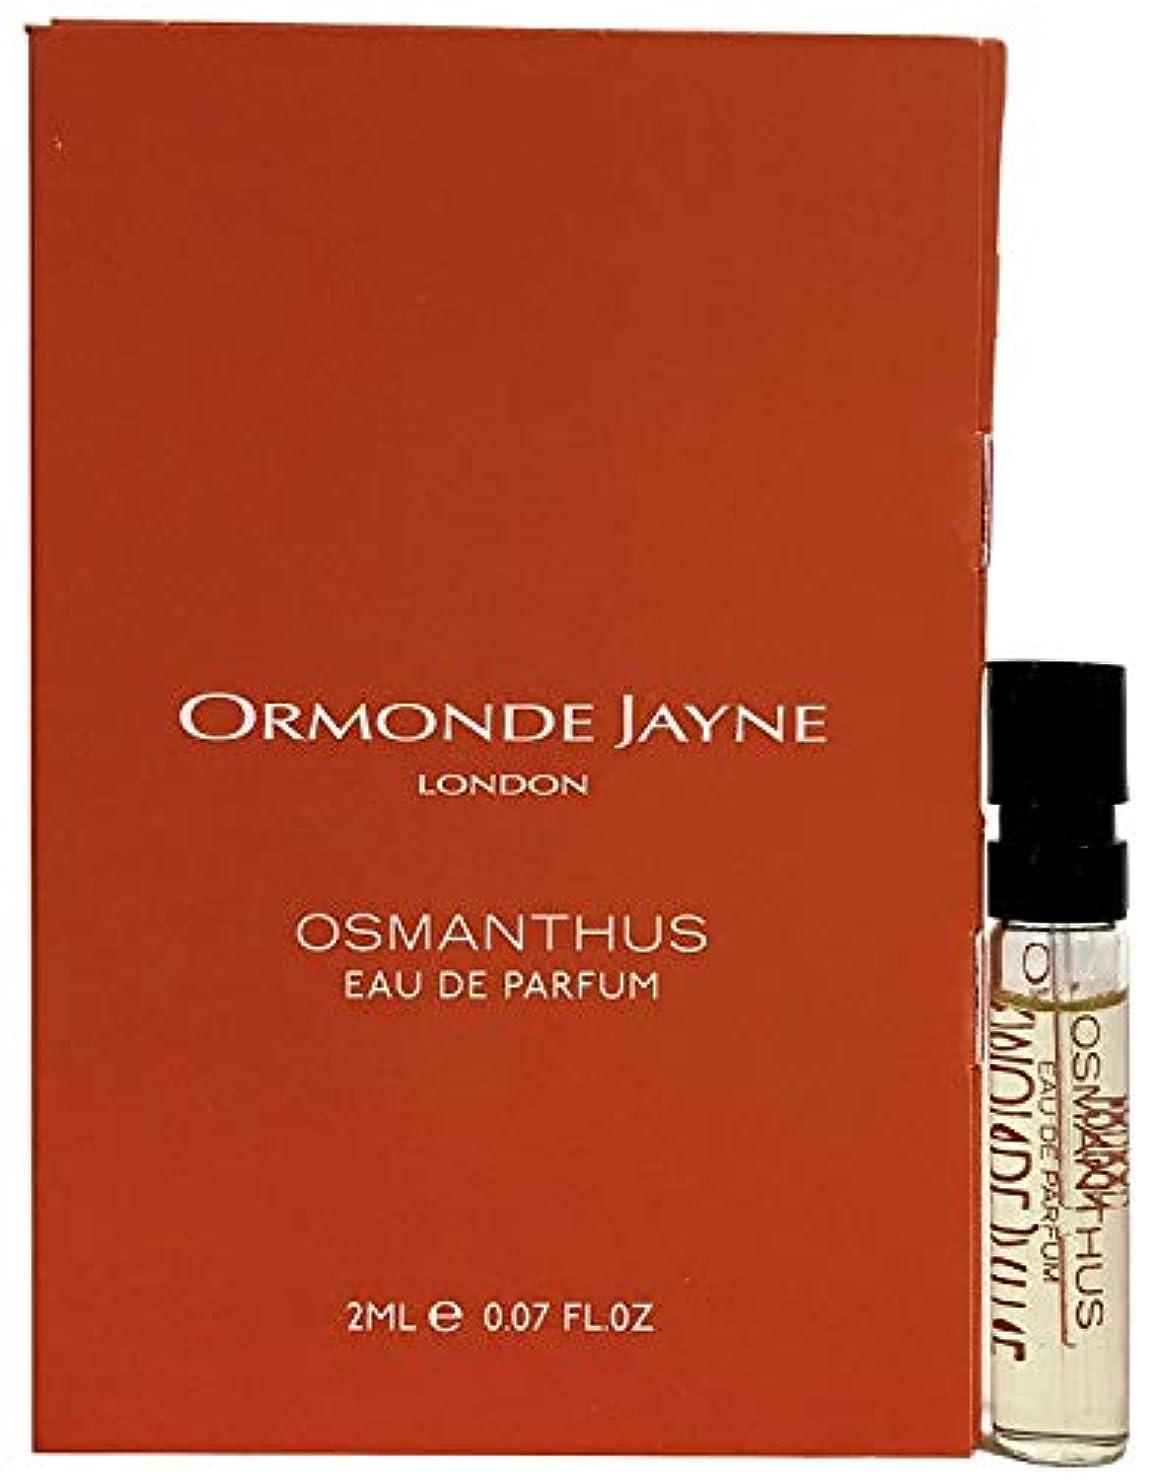 余韻クアッガささやきオーモンド ジェーン オスマンサス オードパルファン 2ml(Ormonde Jayne OSMANTHUS EDP Vial Sample 2ml)